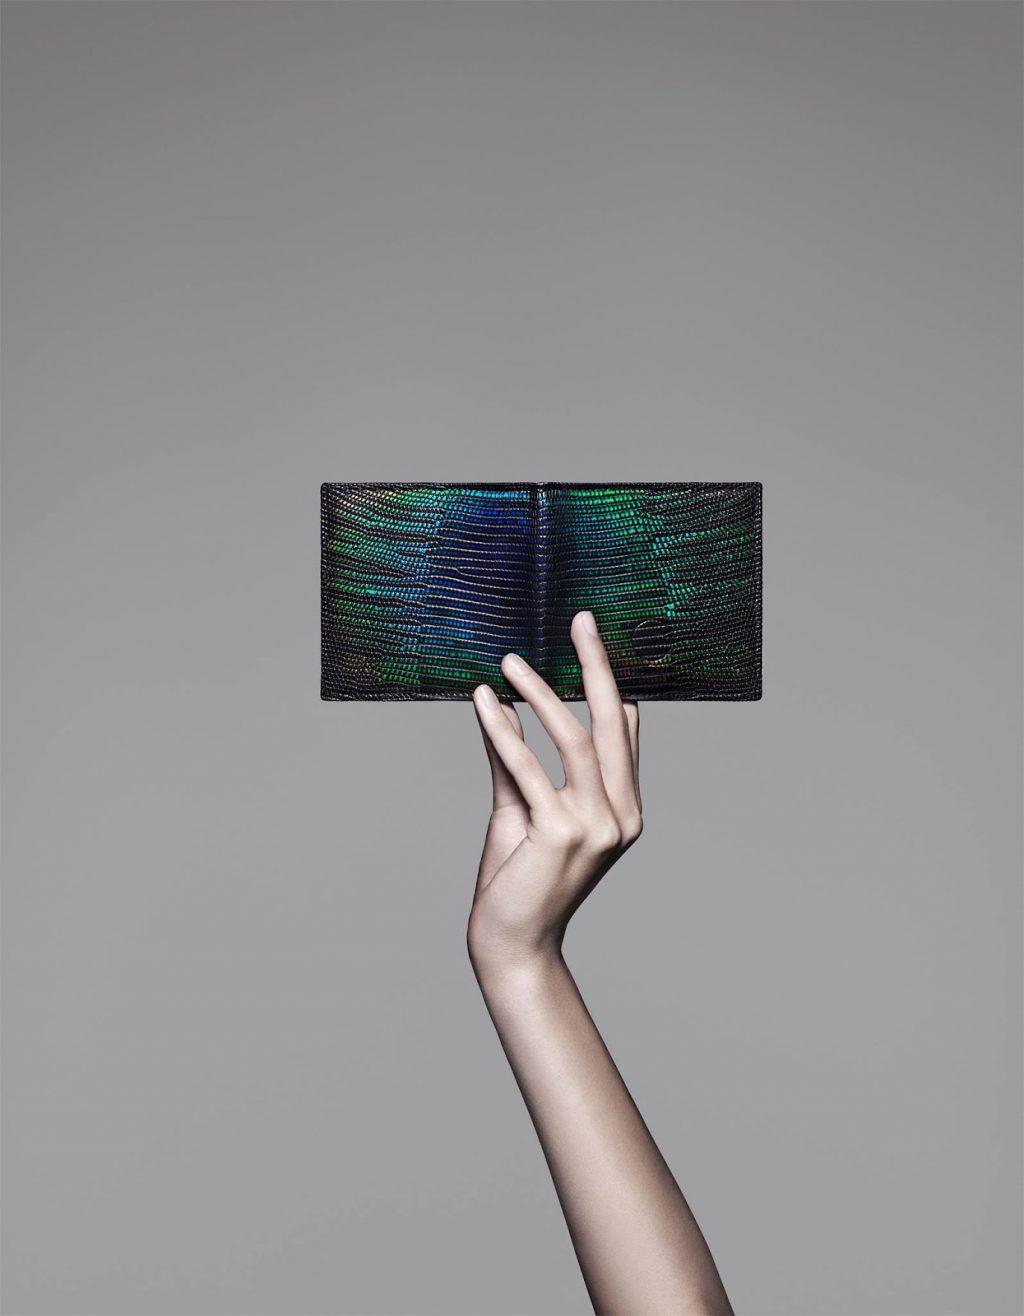 công nghệ trong chất liệu ngành thời trang 11